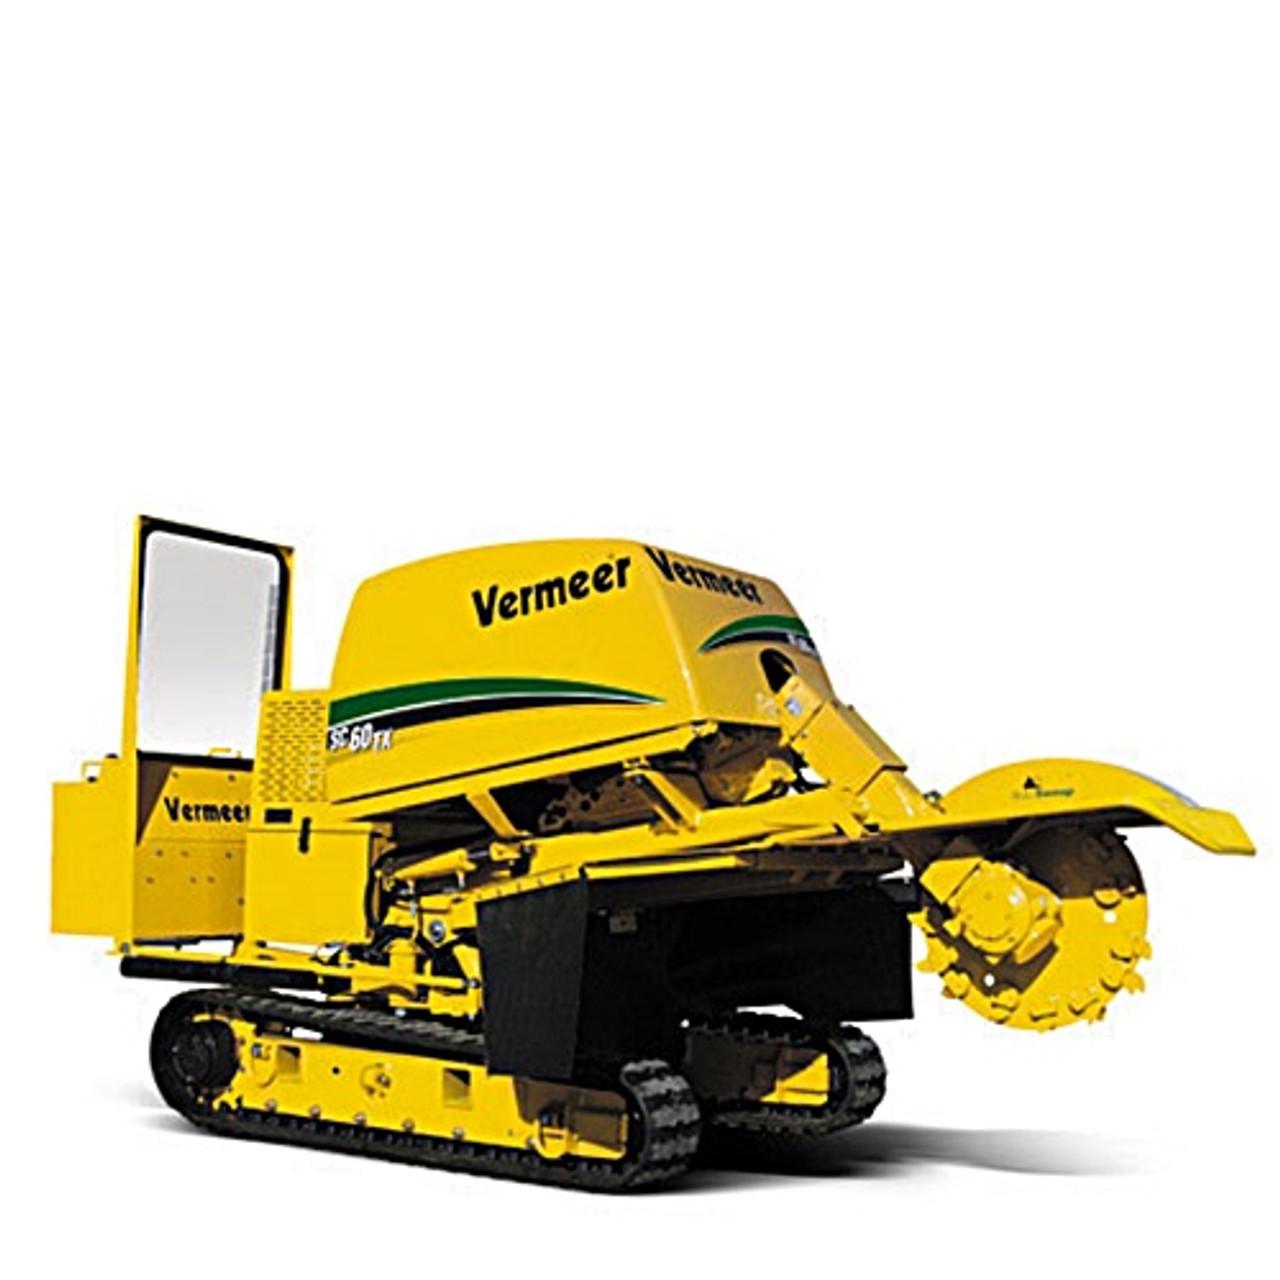 Vermeer Stump Grinder >> Stump Grinder Vermeer 60hp Holmes Rental Station